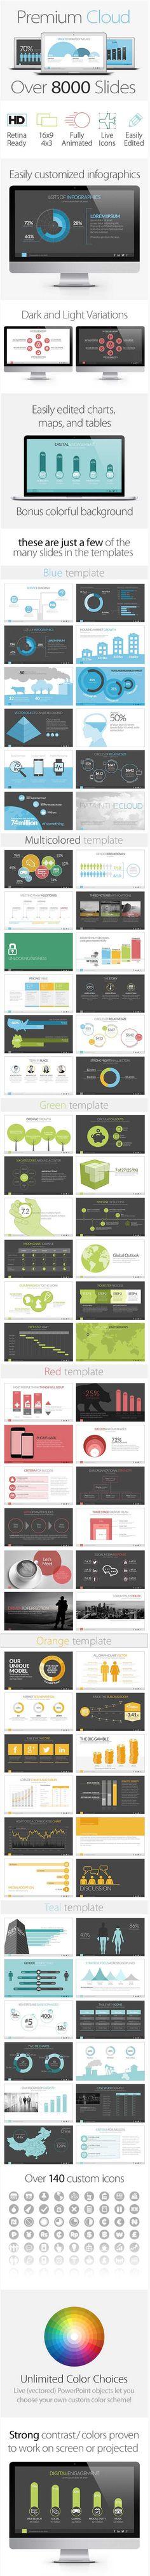 قوالب بوربوينت بريميوم Premium Cloud Business PowerPoint Templates - قوالب بوربوينت - قوالب تمبليت - تصاميم جاهزة